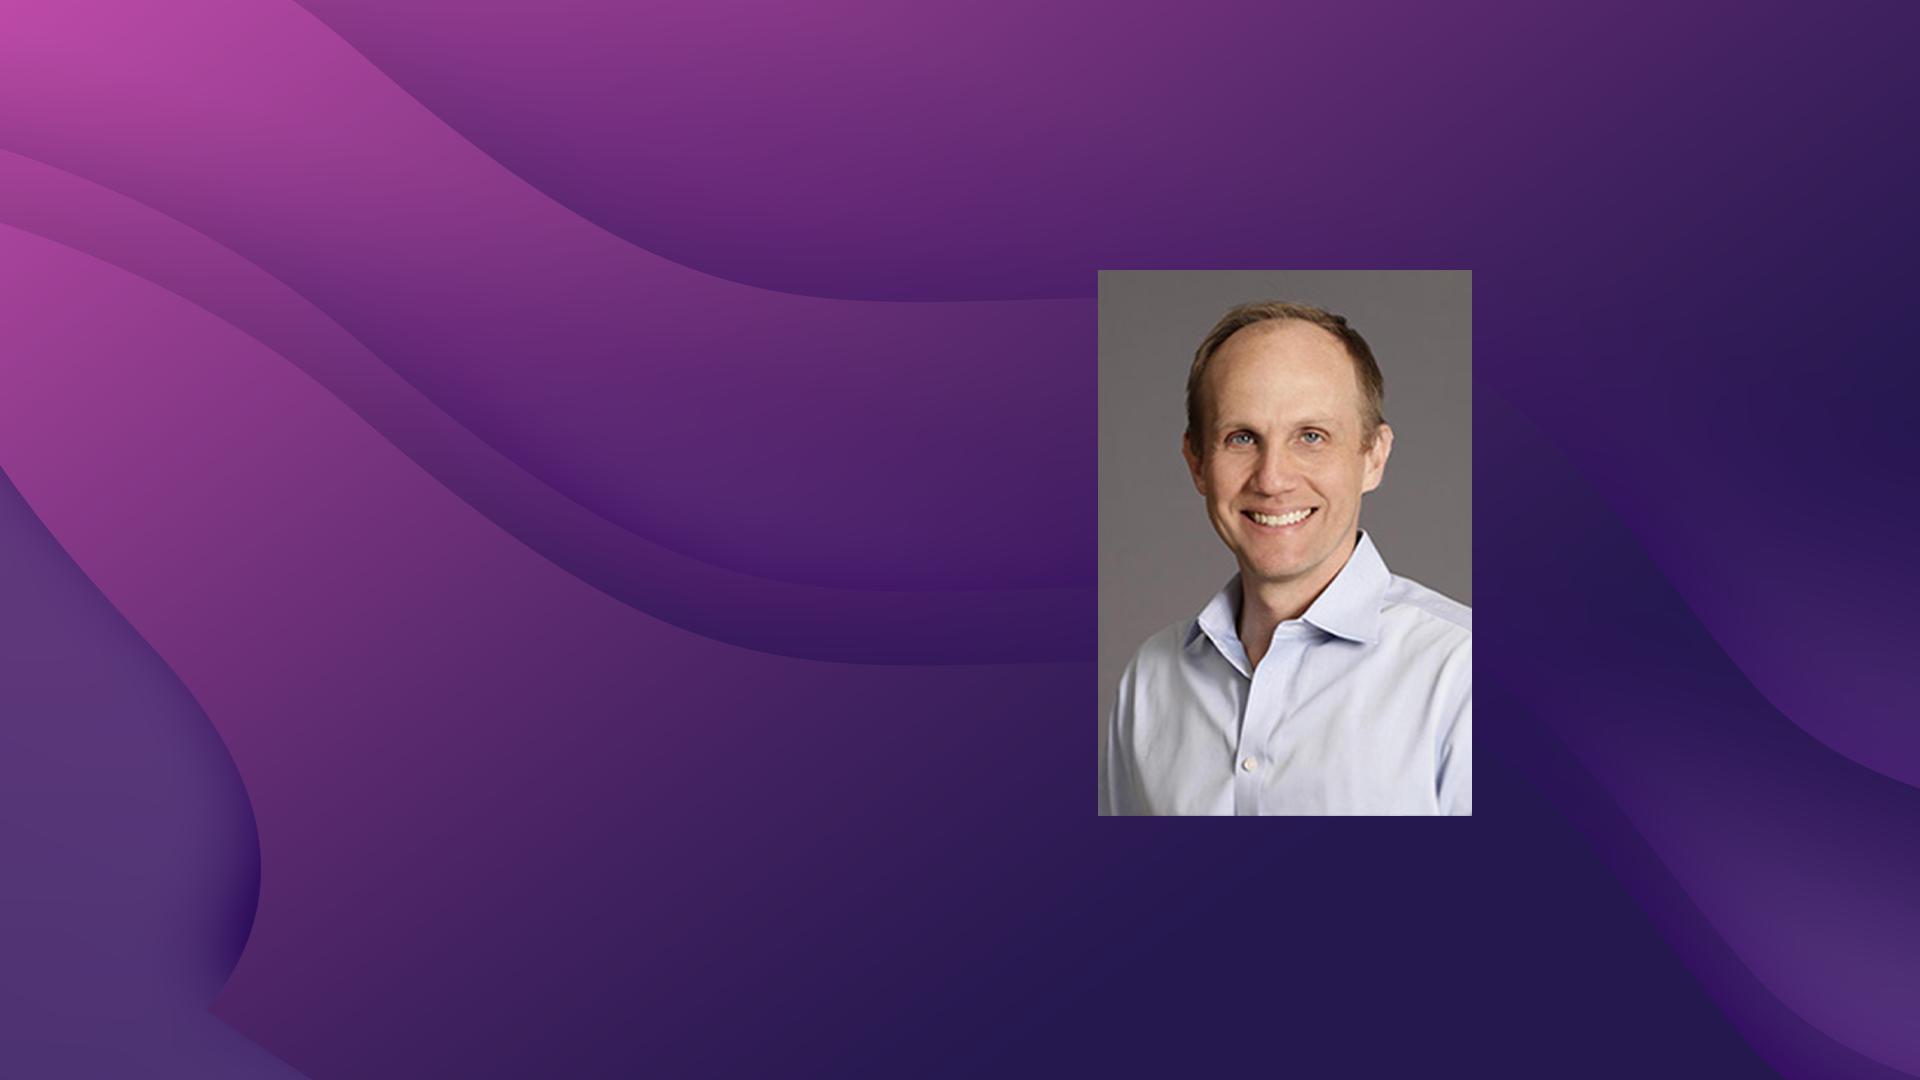 1335: Dr. Darren Schulte, CEO of Apixio On COVID19 Data